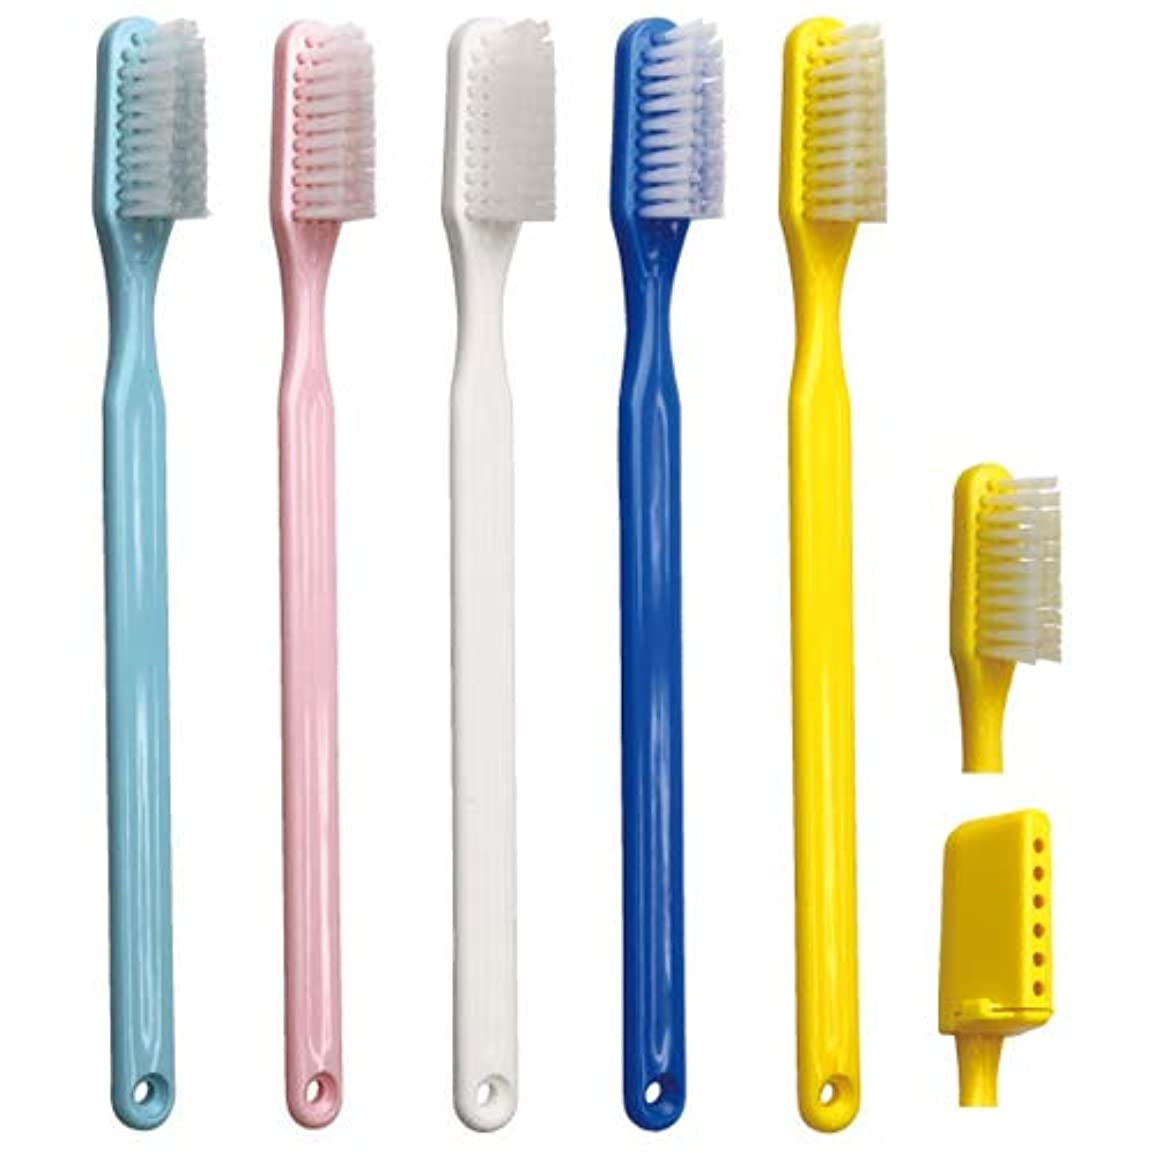 冷える側溝繰り返した歯科医院専用商品 PHB 歯ブラシ アダルト5本セット( 歯ブラシキャップ付)ライトブルー?ピンク?ホワイト?ネオンブルー?イエロー